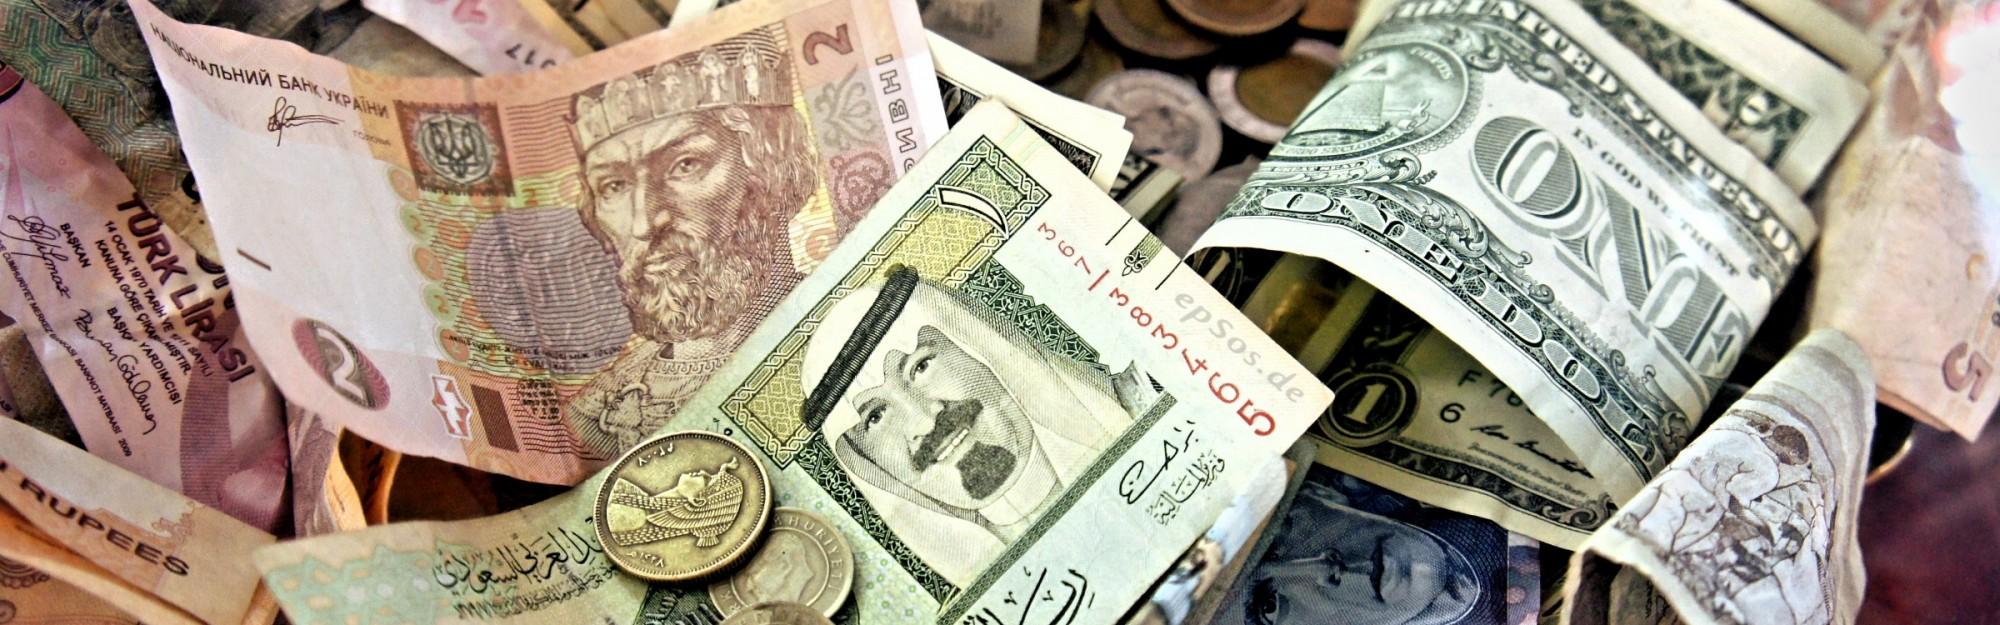 online geld vermehren